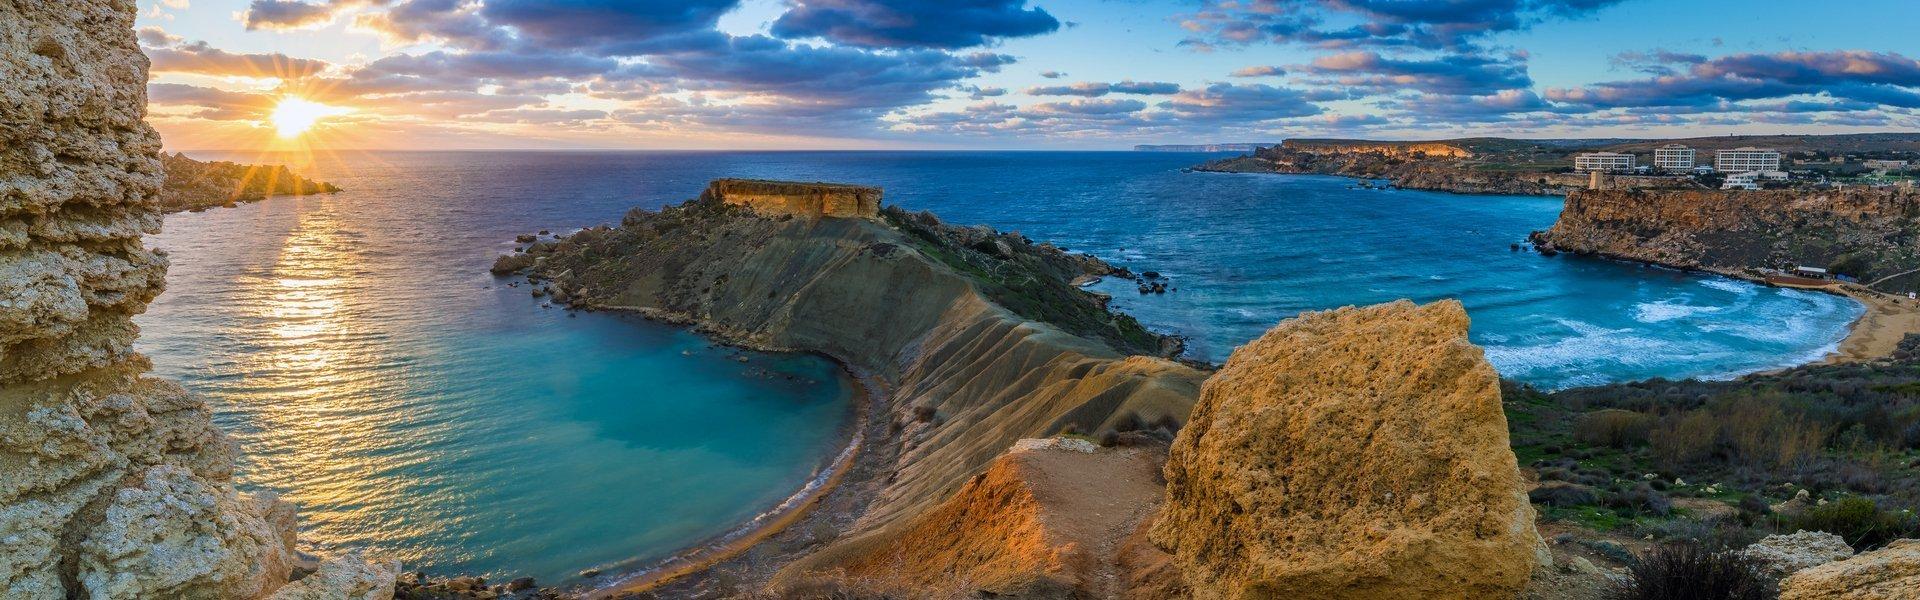 Malta - Mgarr